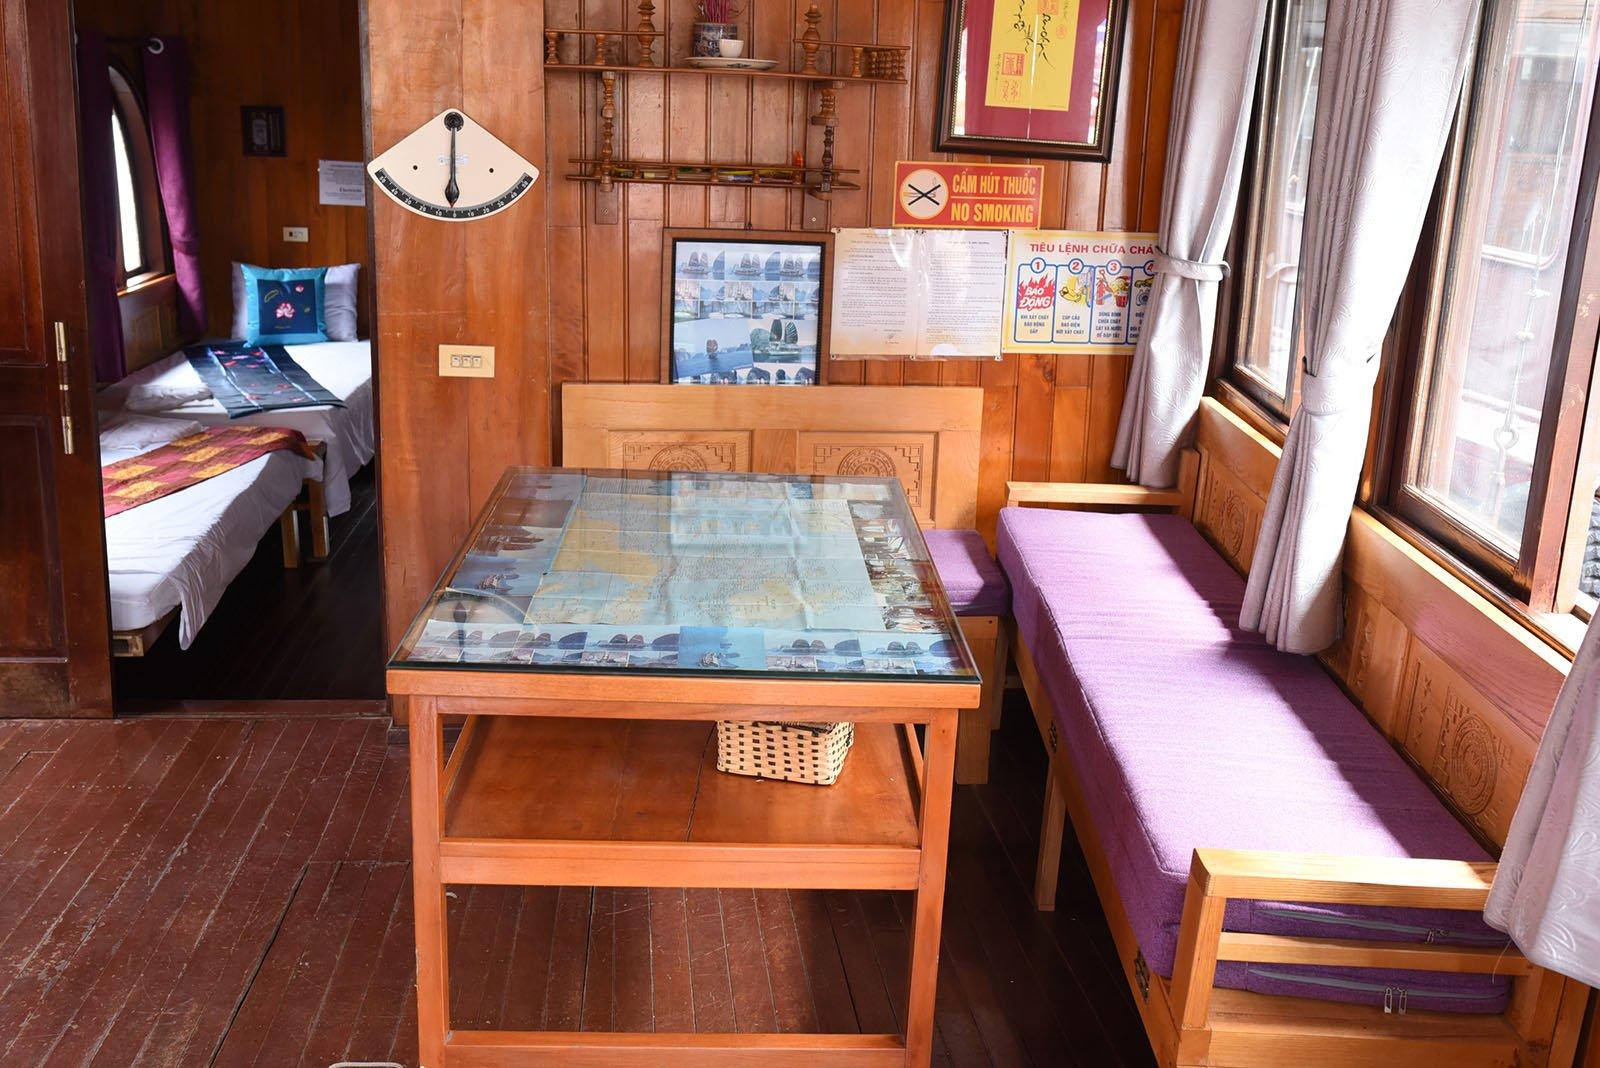 Salon interieur de la jonque Majonq, Baie d'Halong, Vietnam